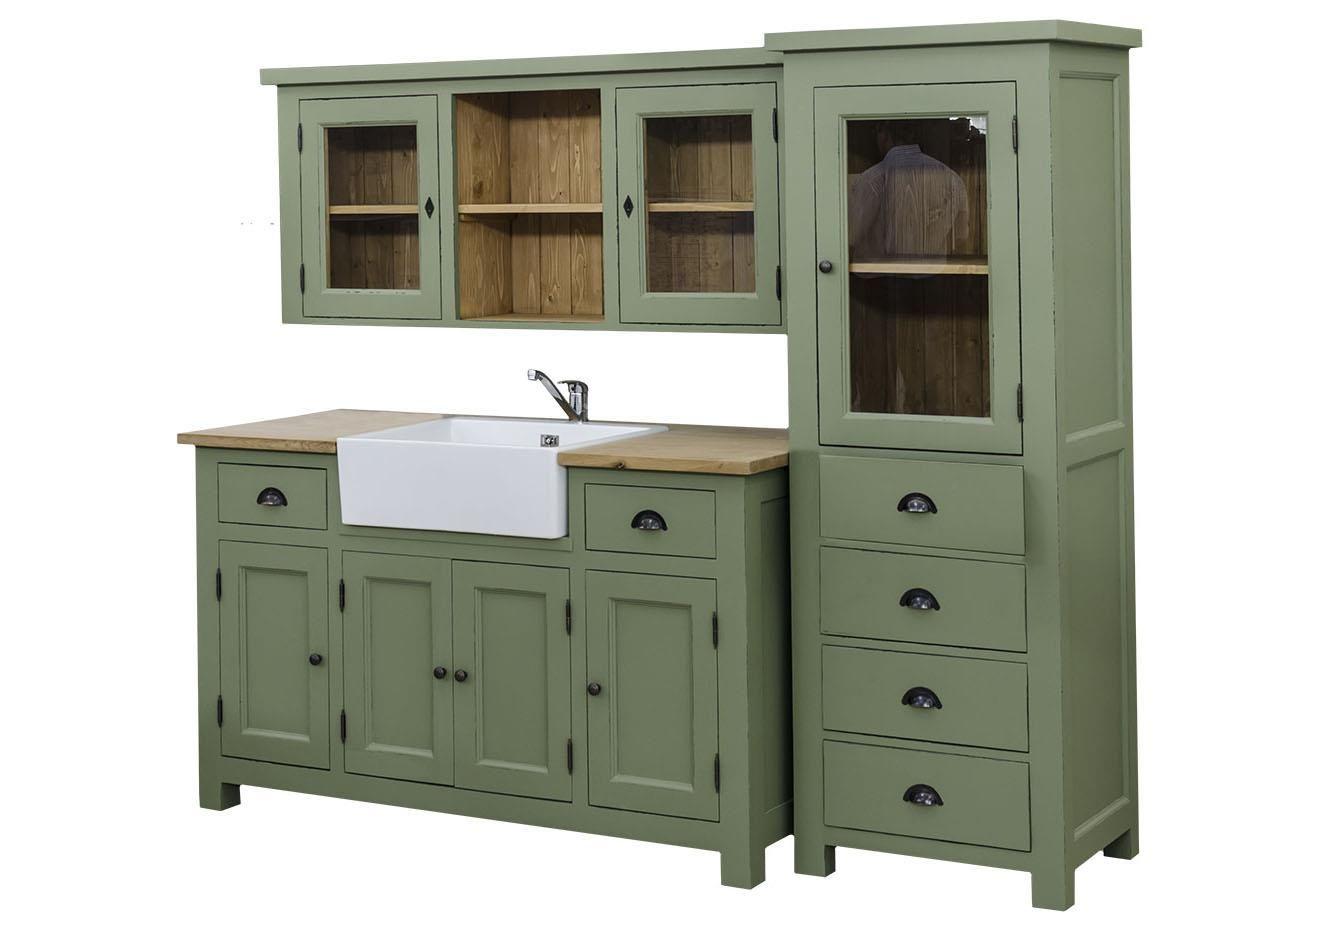 salle a manger style anglais 3 acheter votre meuble de cuisine en pin massif